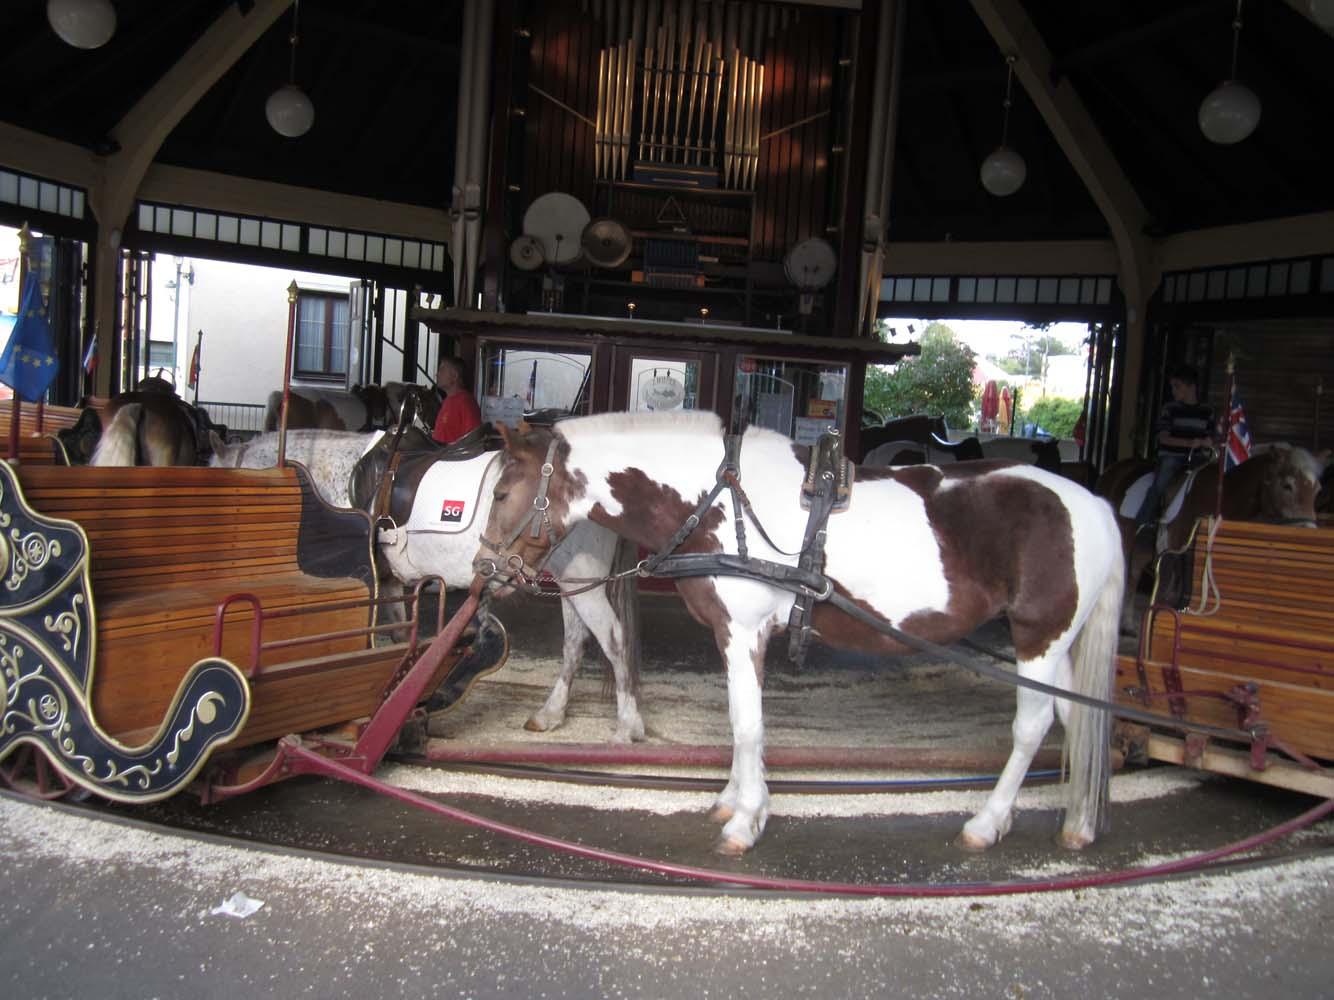 pony-caroussel-two